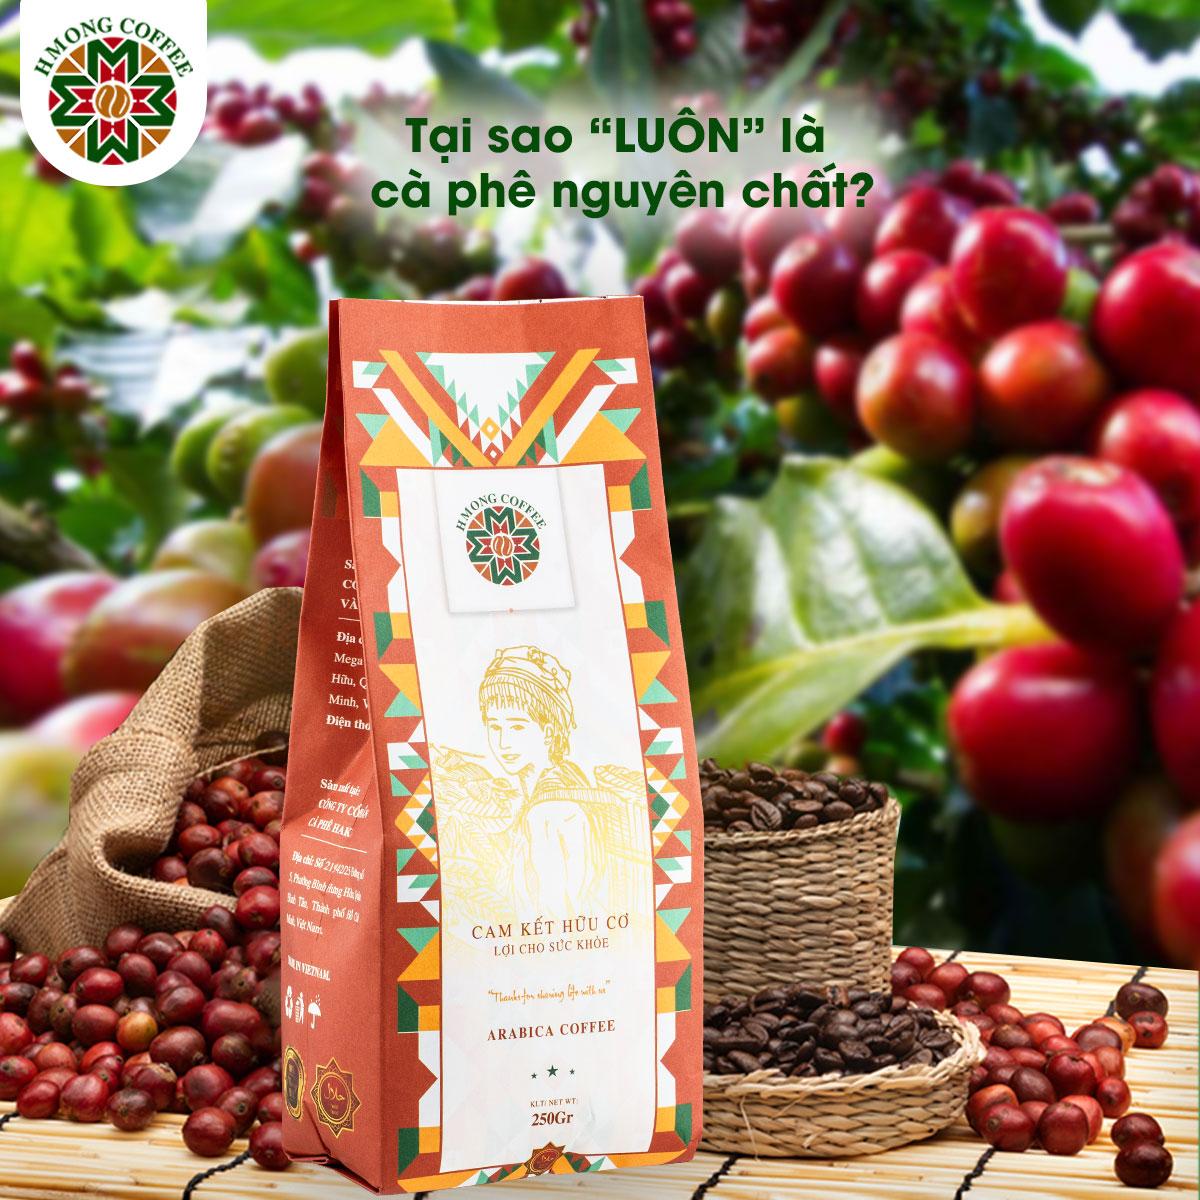 Cà phê hữu cơ mang đến giá trị đích thực cho những người yêu thích chúng bởi hương vị chuẩn sạch